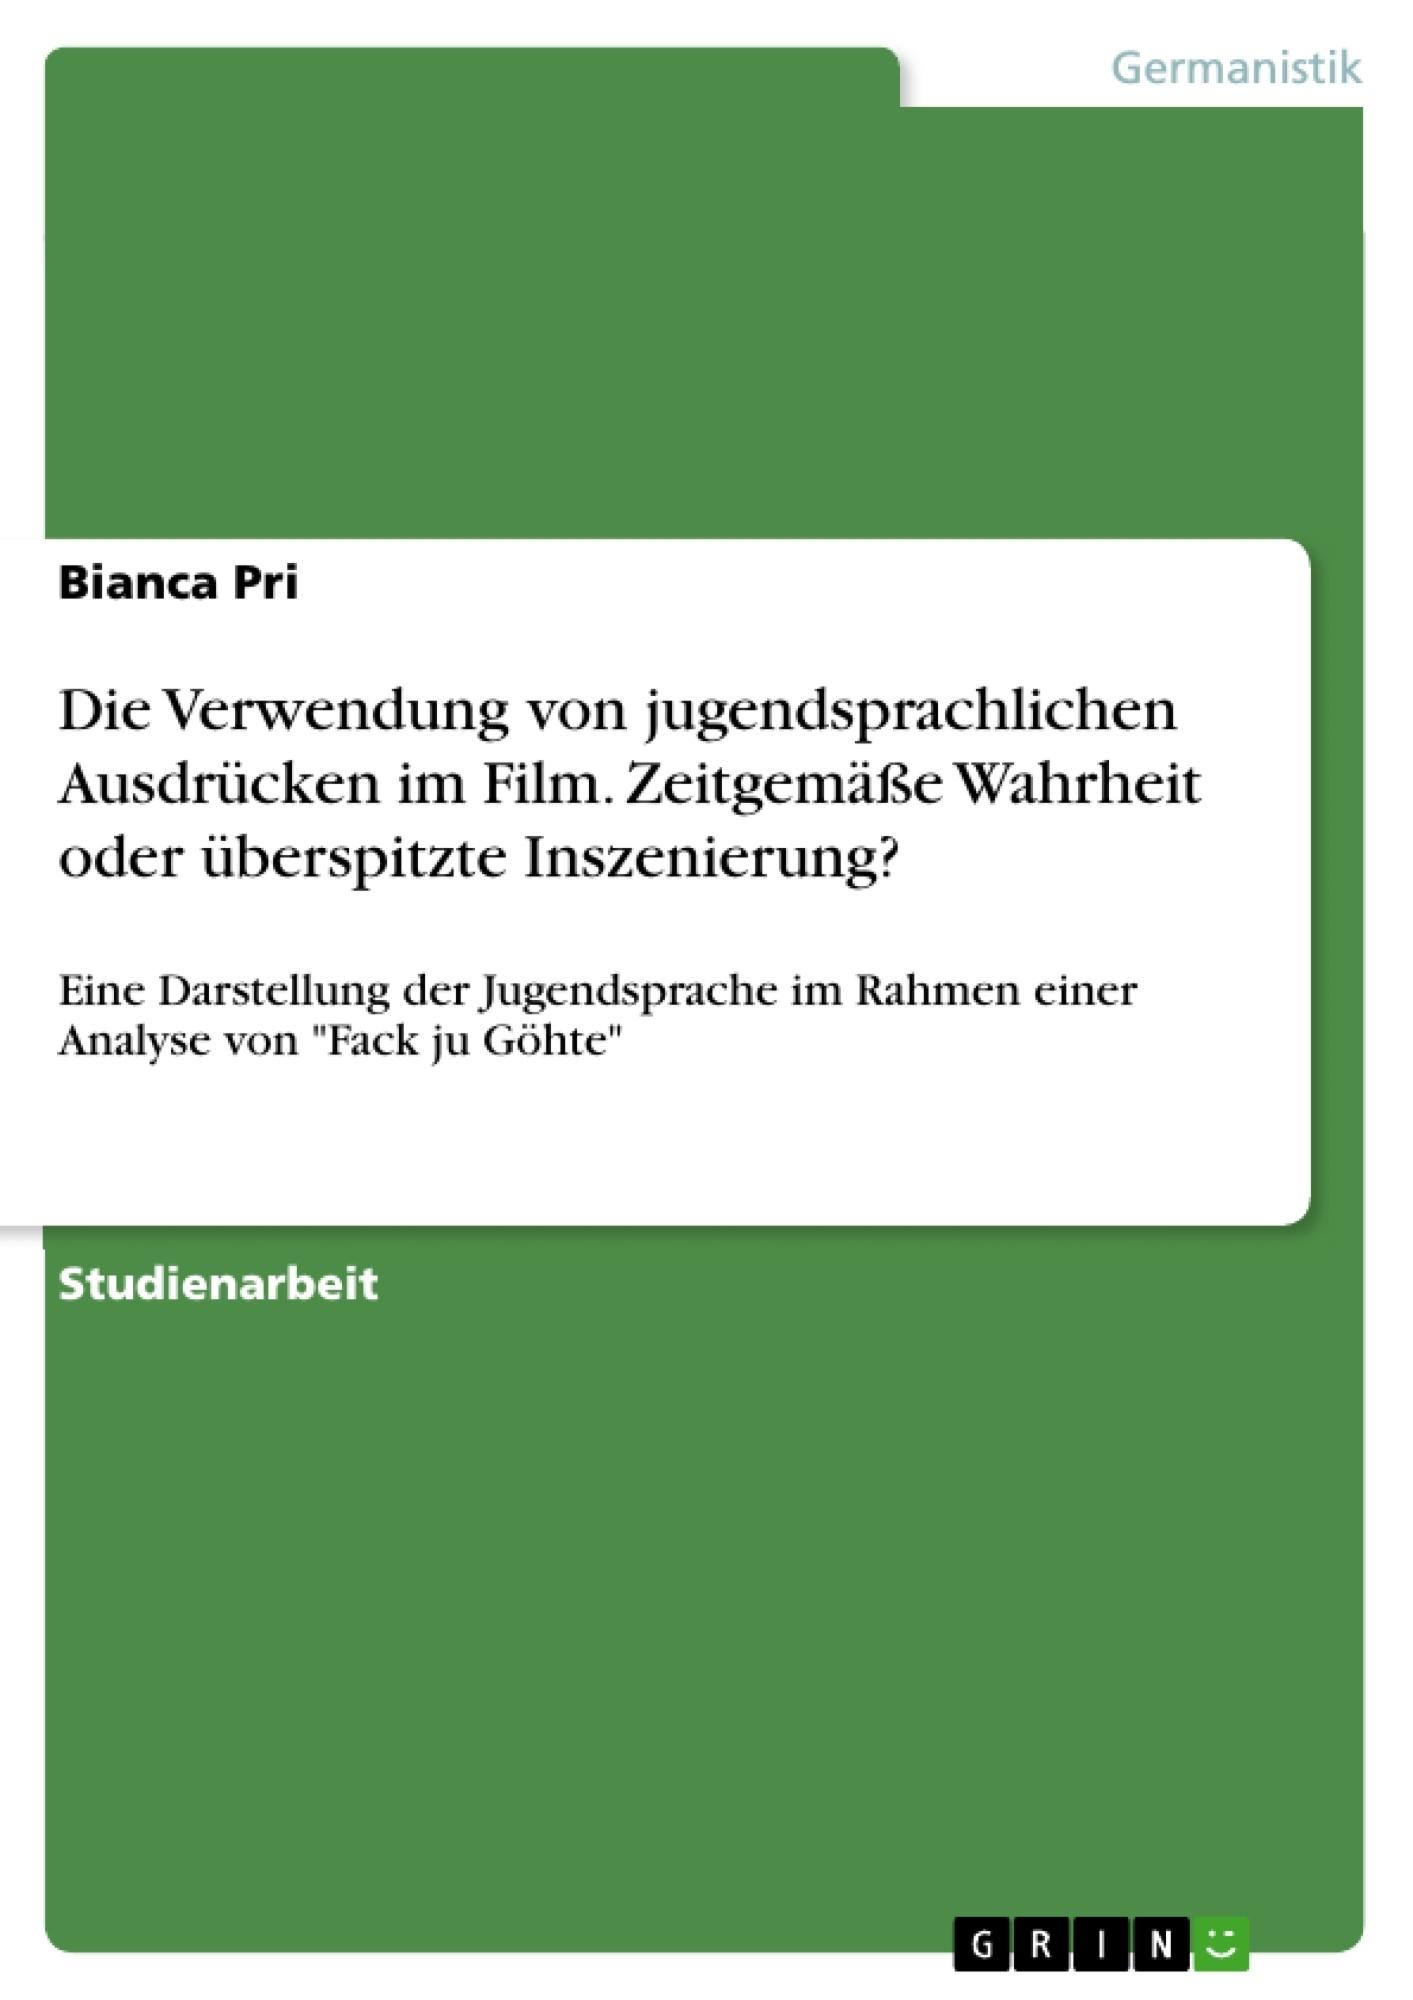 Titel: Die Verwendung von jugendsprachlichen Ausdrücken im Film. Zeitgemäße Wahrheit oder überspitzte Inszenierung?